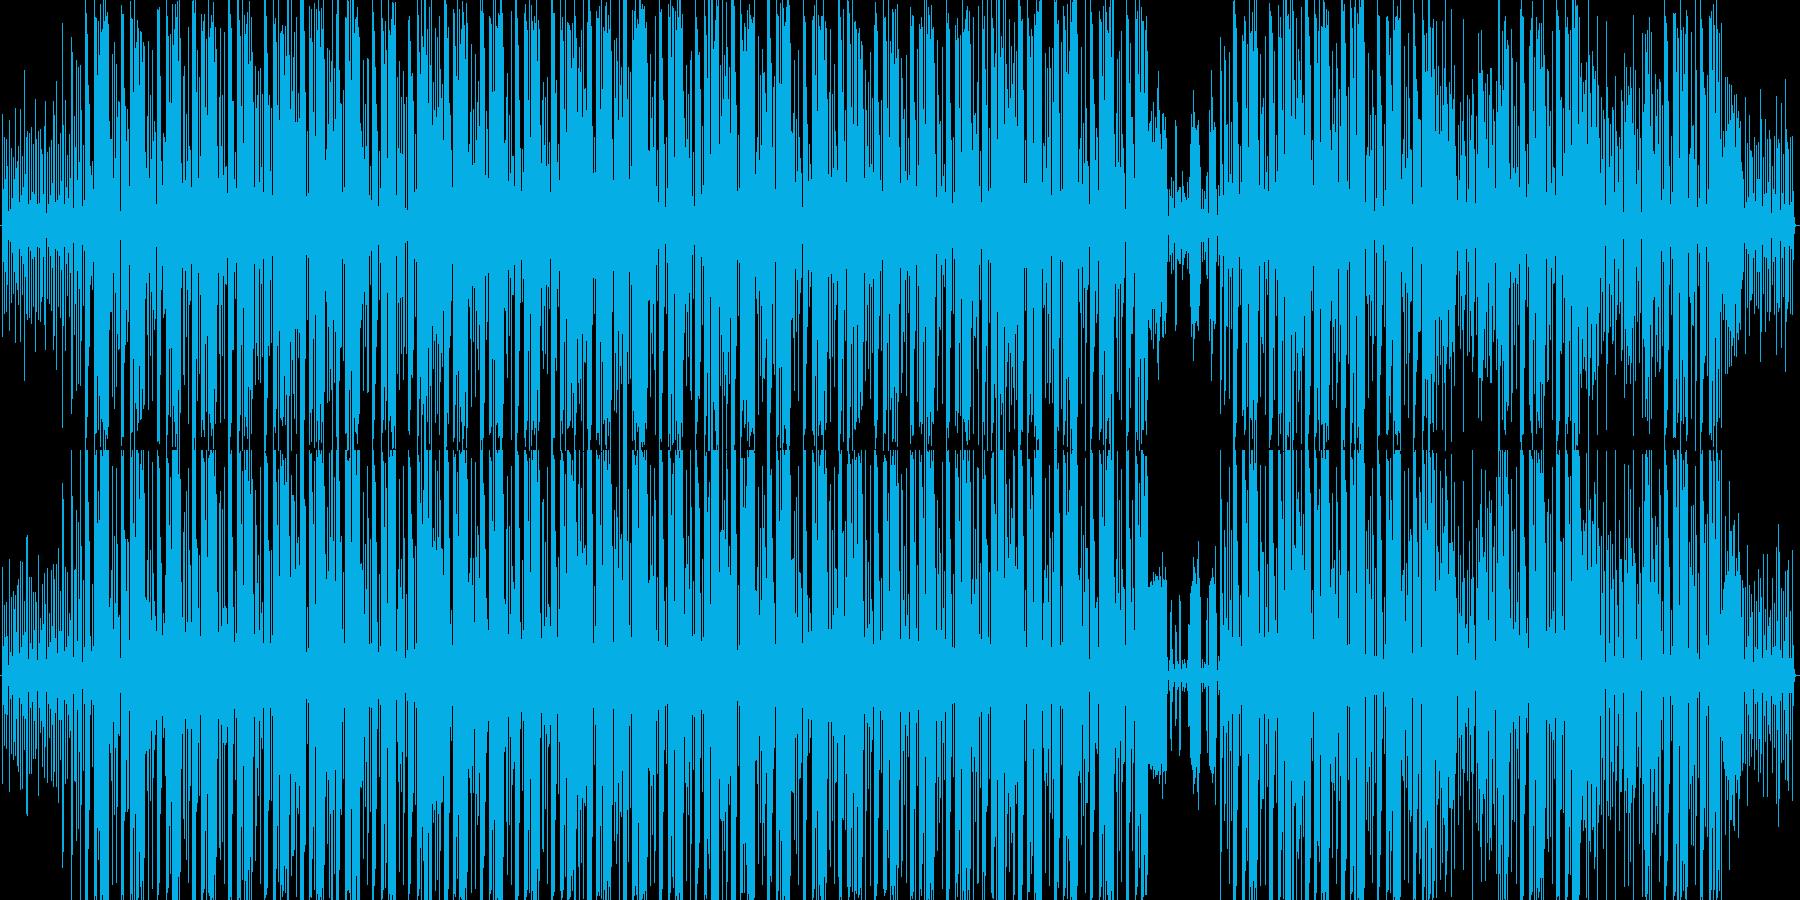 水中を逃げる魚の再生済みの波形